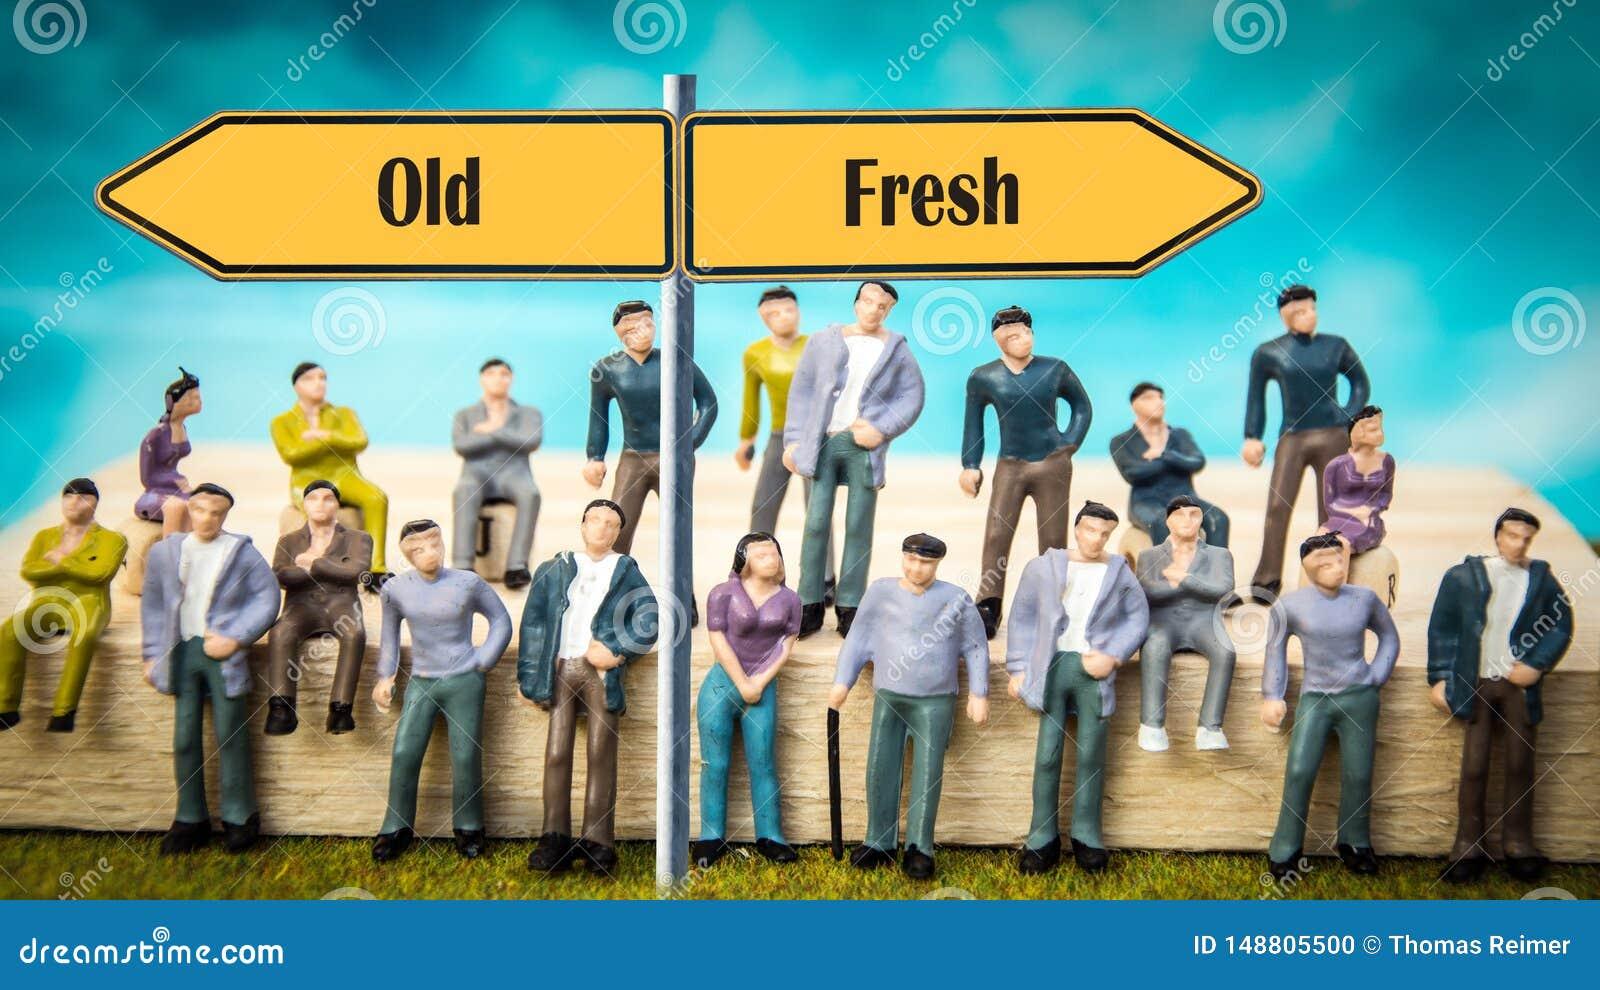 Segnale stradale fresco contro vecchio